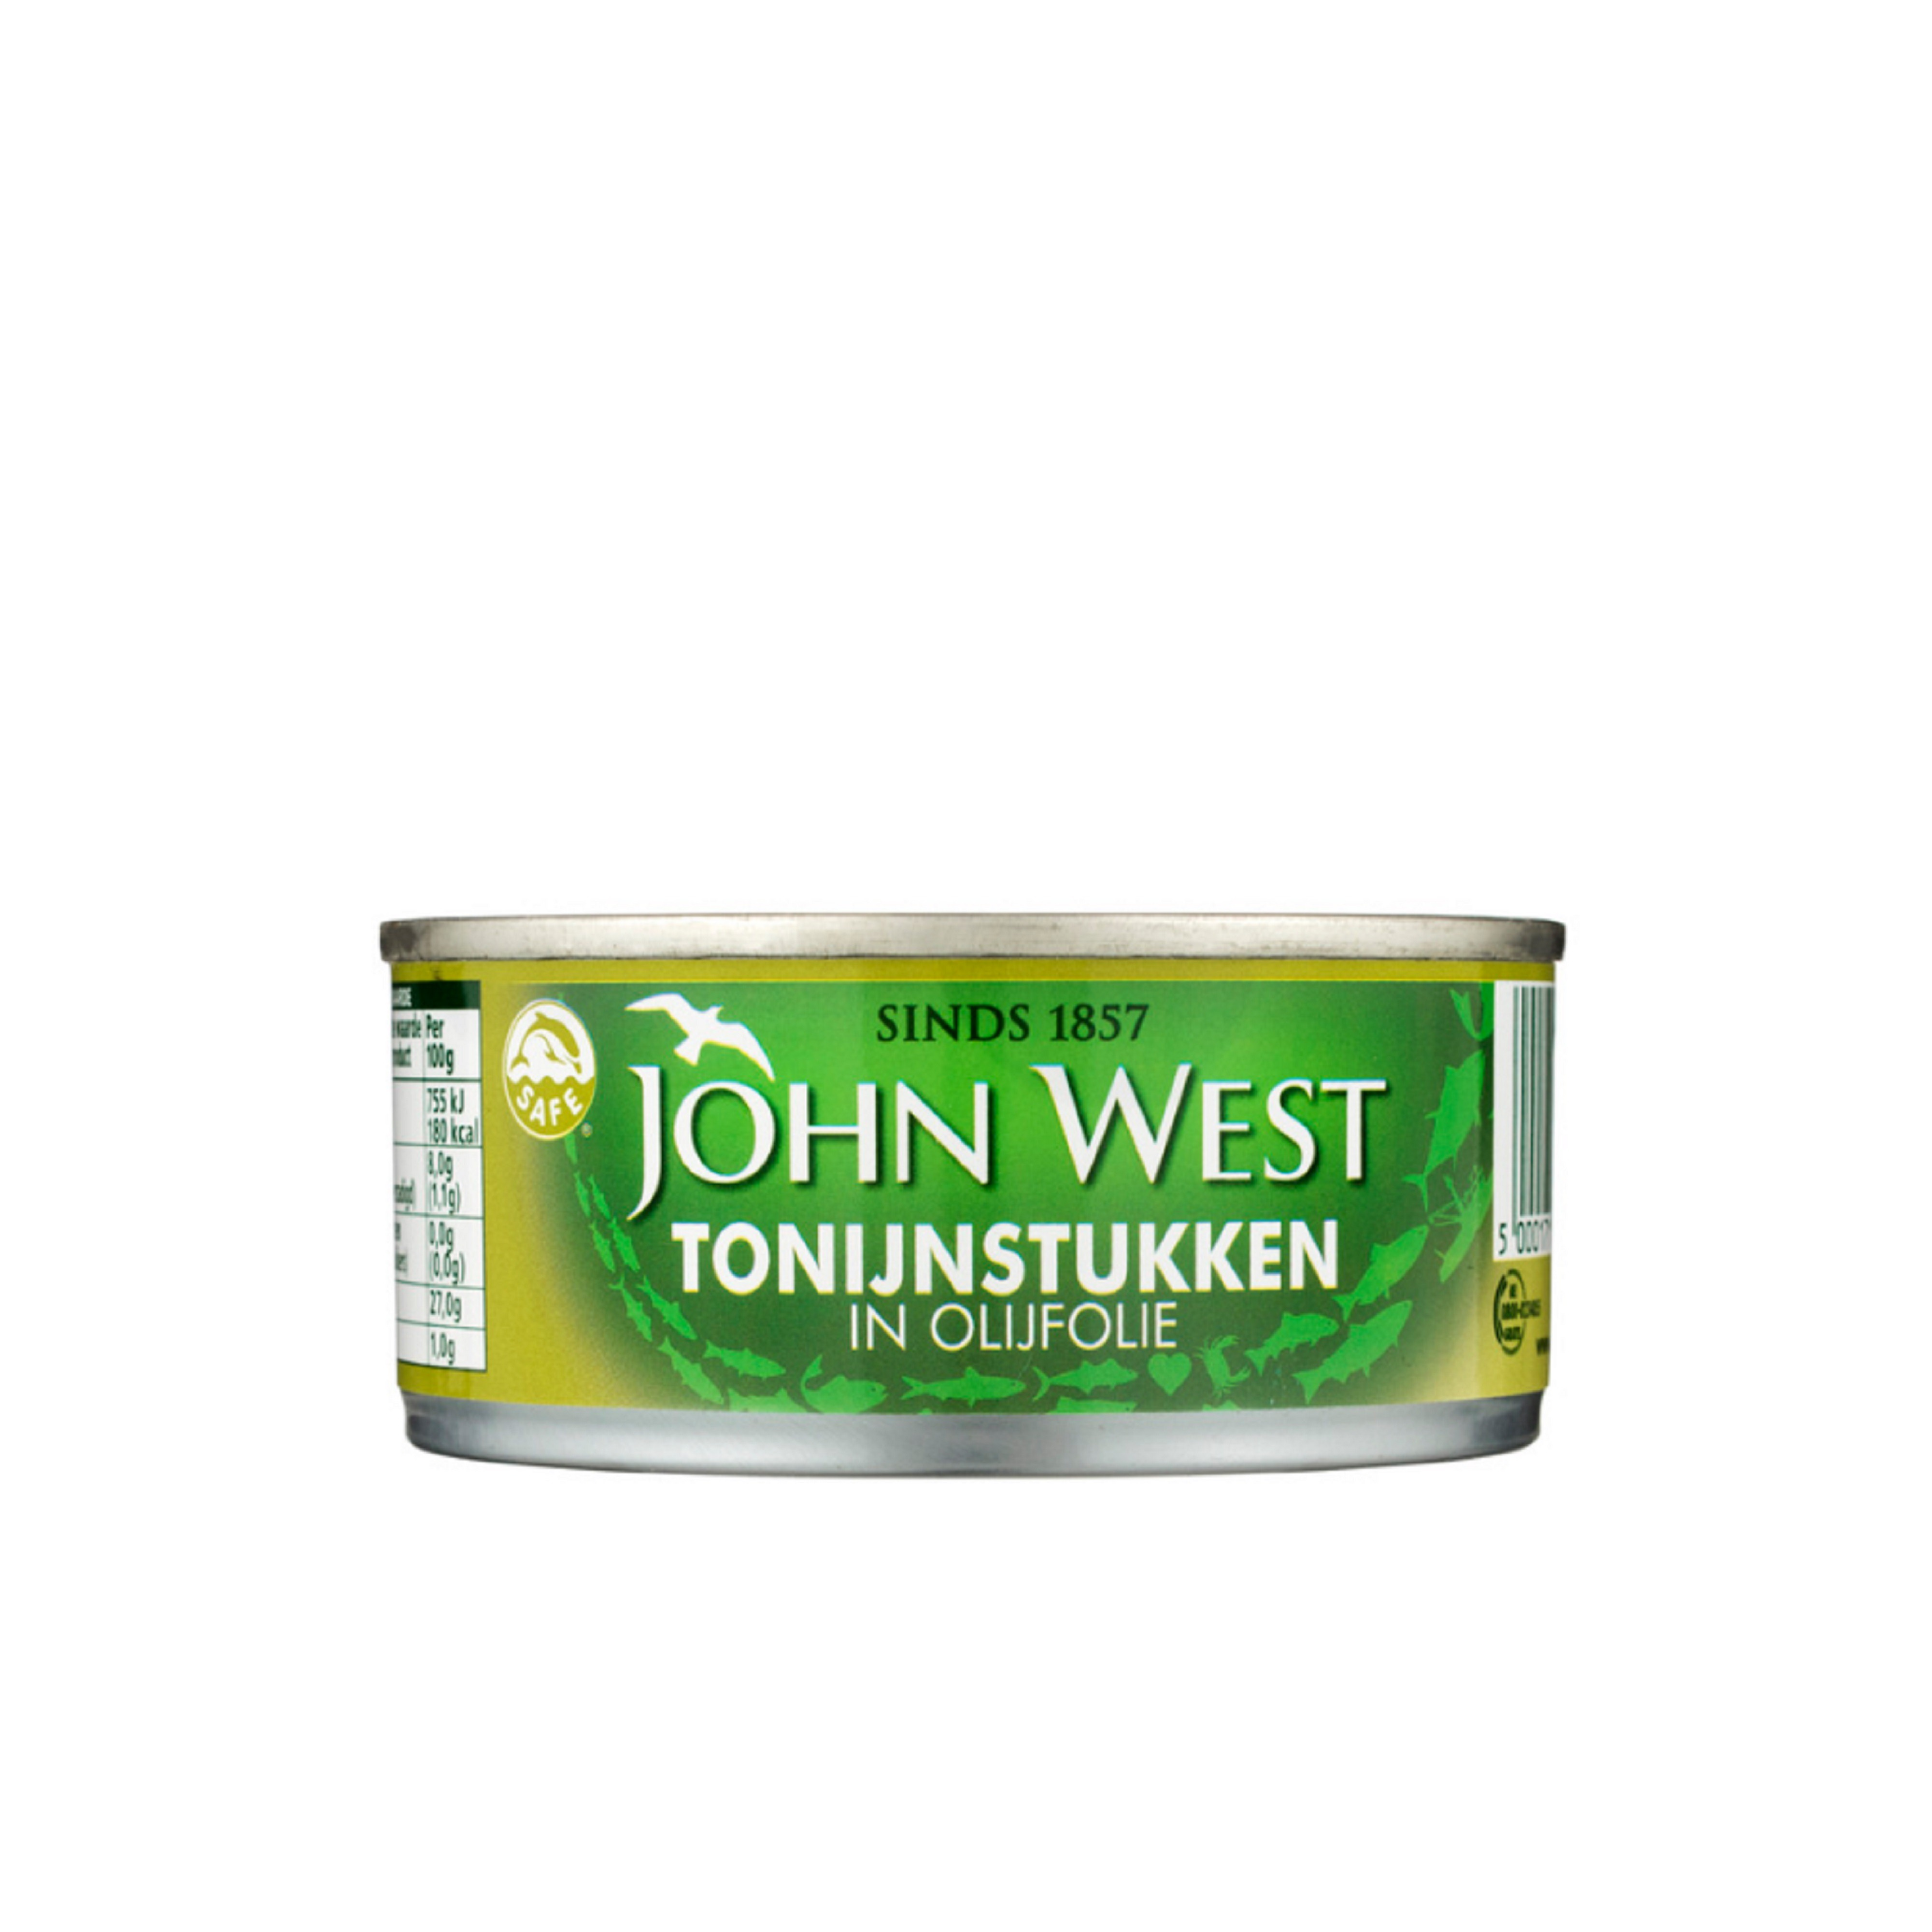 ohn West Tonijn in Olijf olie